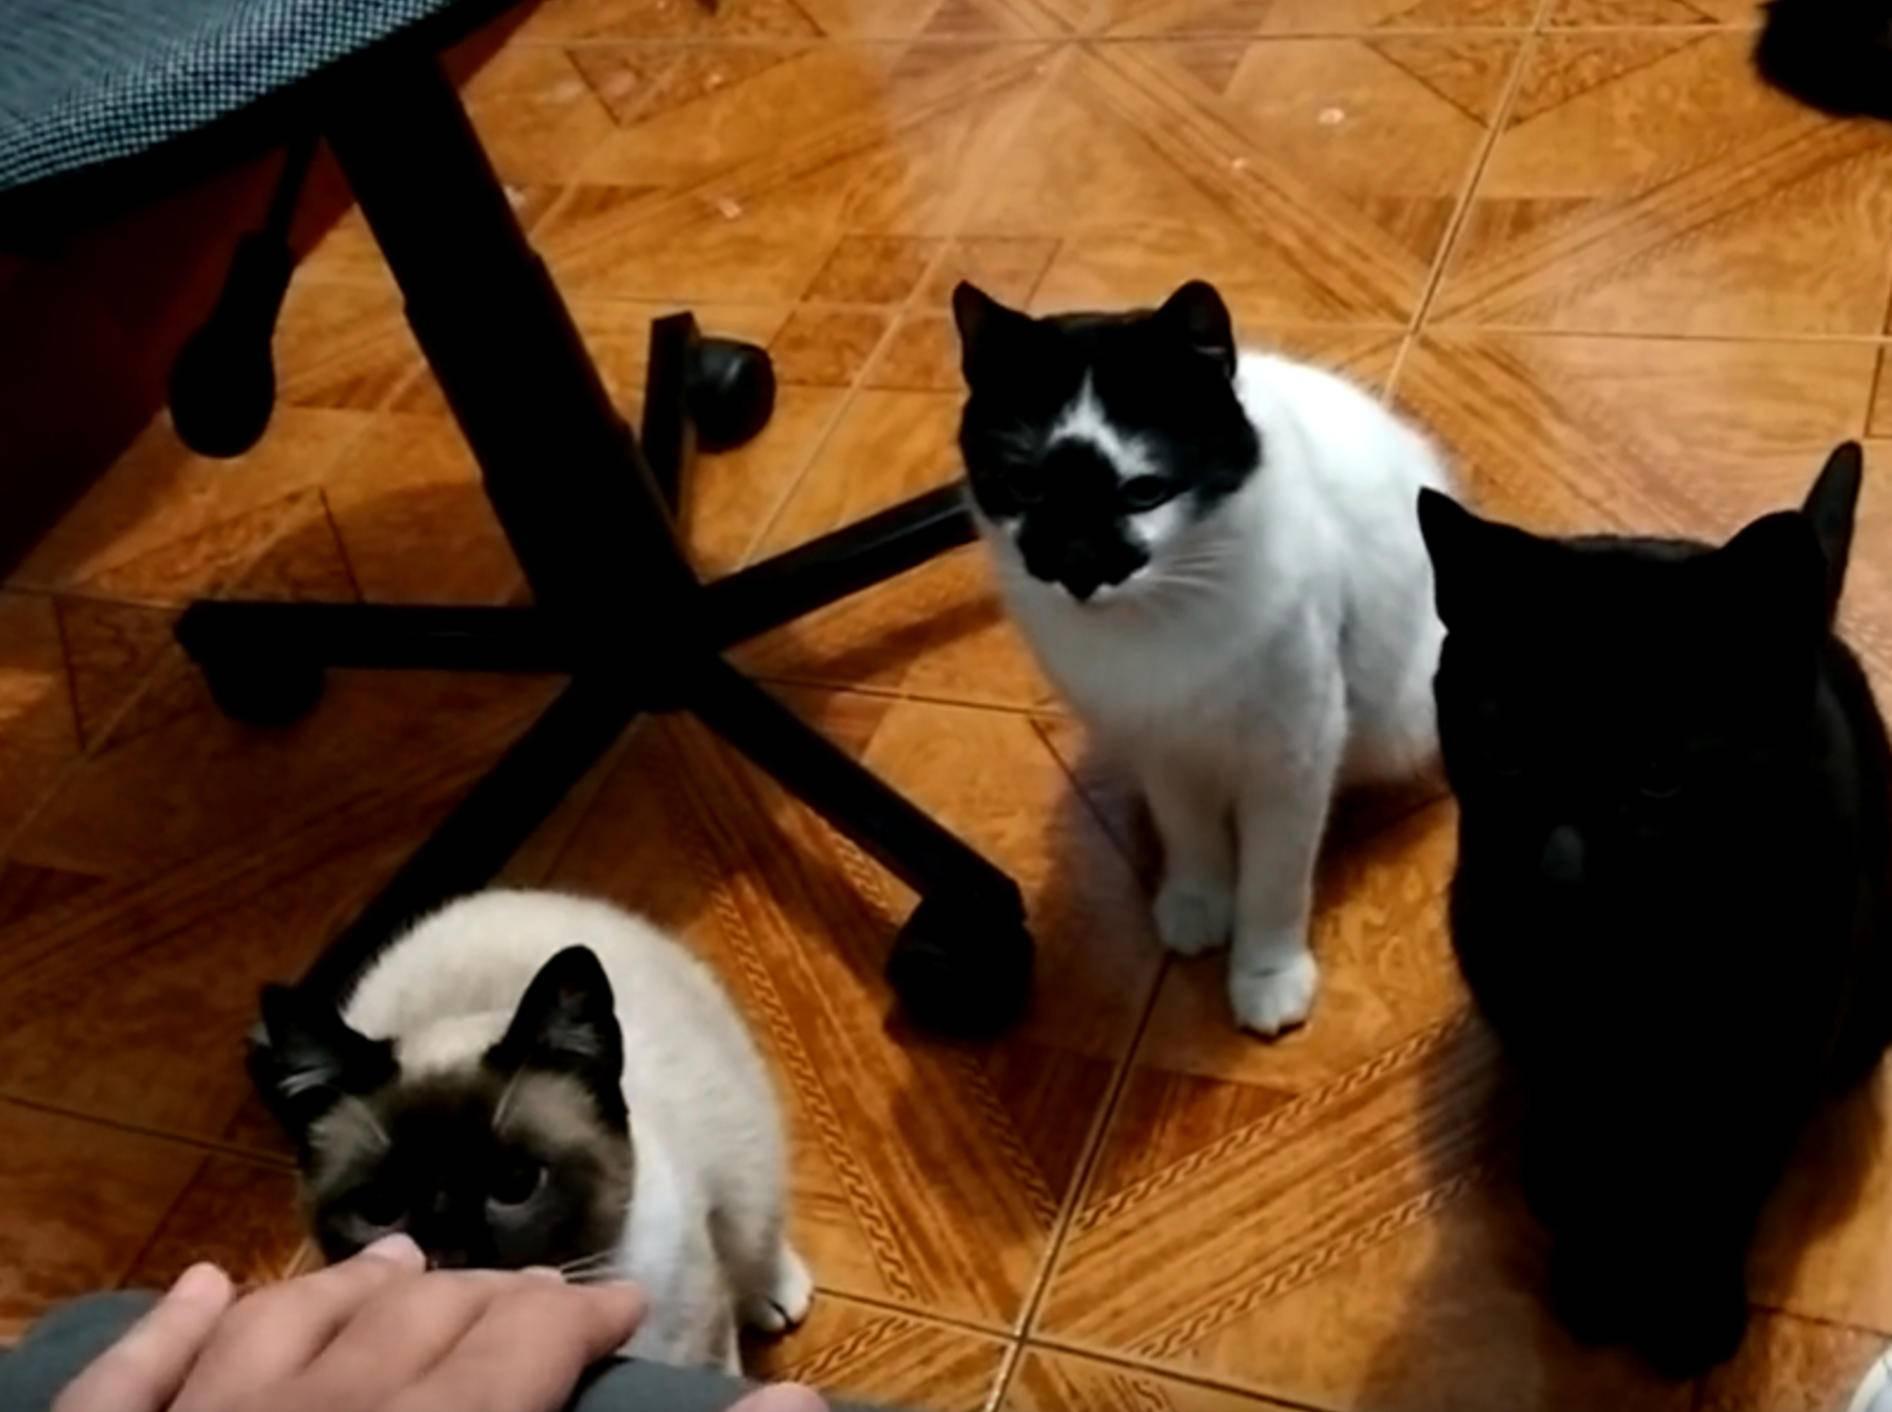 """Katzen horchen auf: """"Hört ihr dieses Geräusch auch?"""" – Bild: YouTube / The Six Cats Parade"""